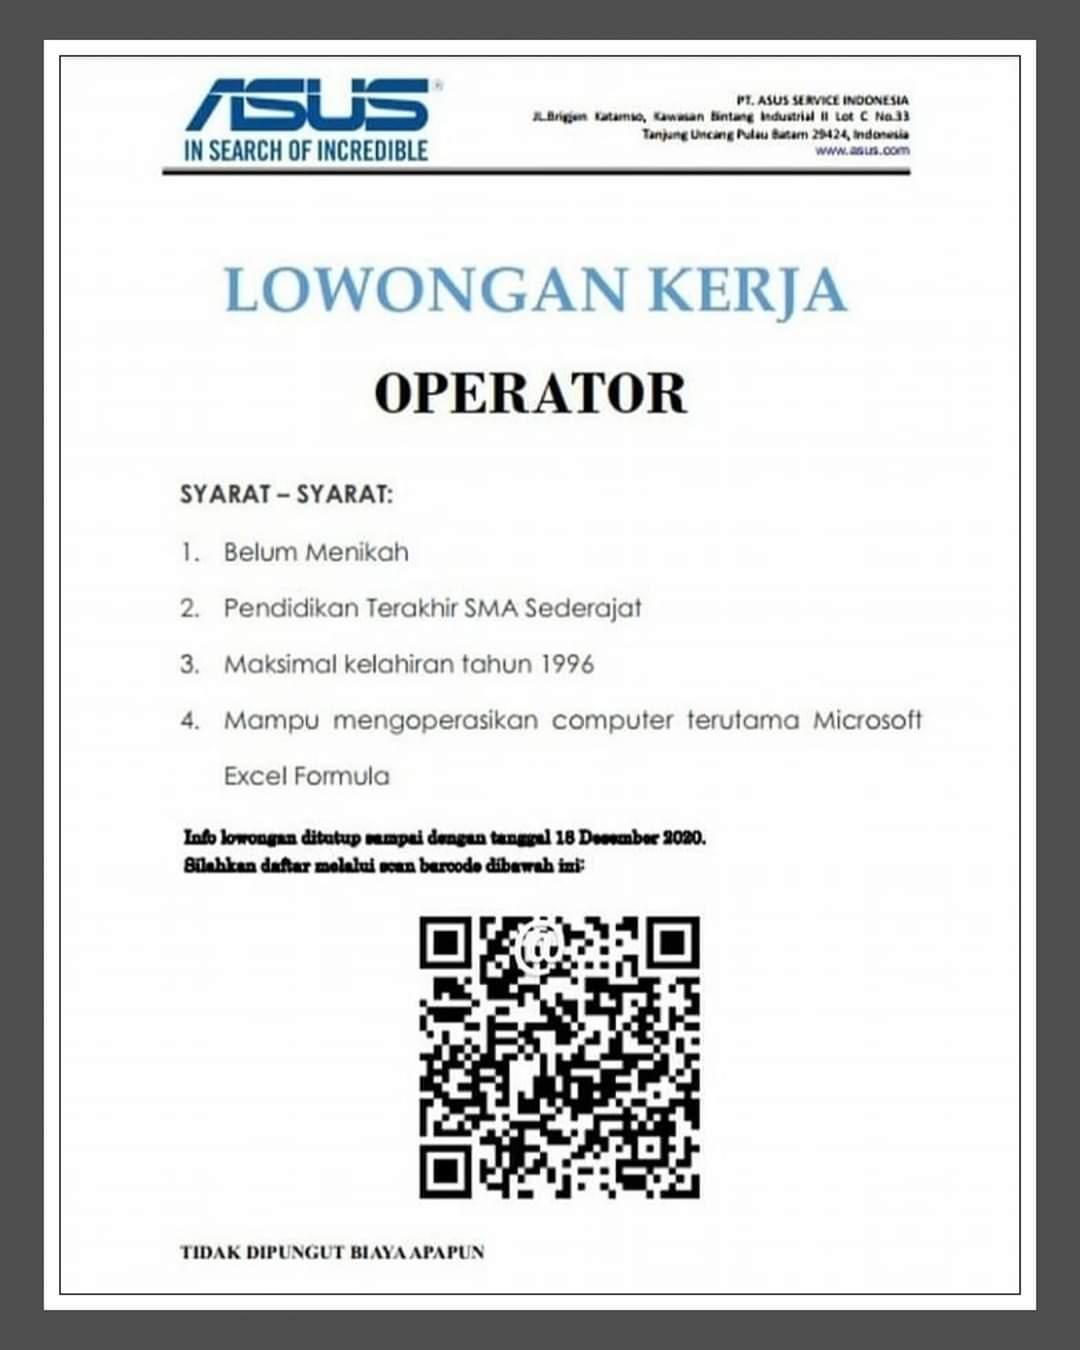 Lowongan Kerja Batam Pt Asus Service Indonesia 15 12 2020 Lowongan Kerja Batam Terbaru Hari Ini 2021